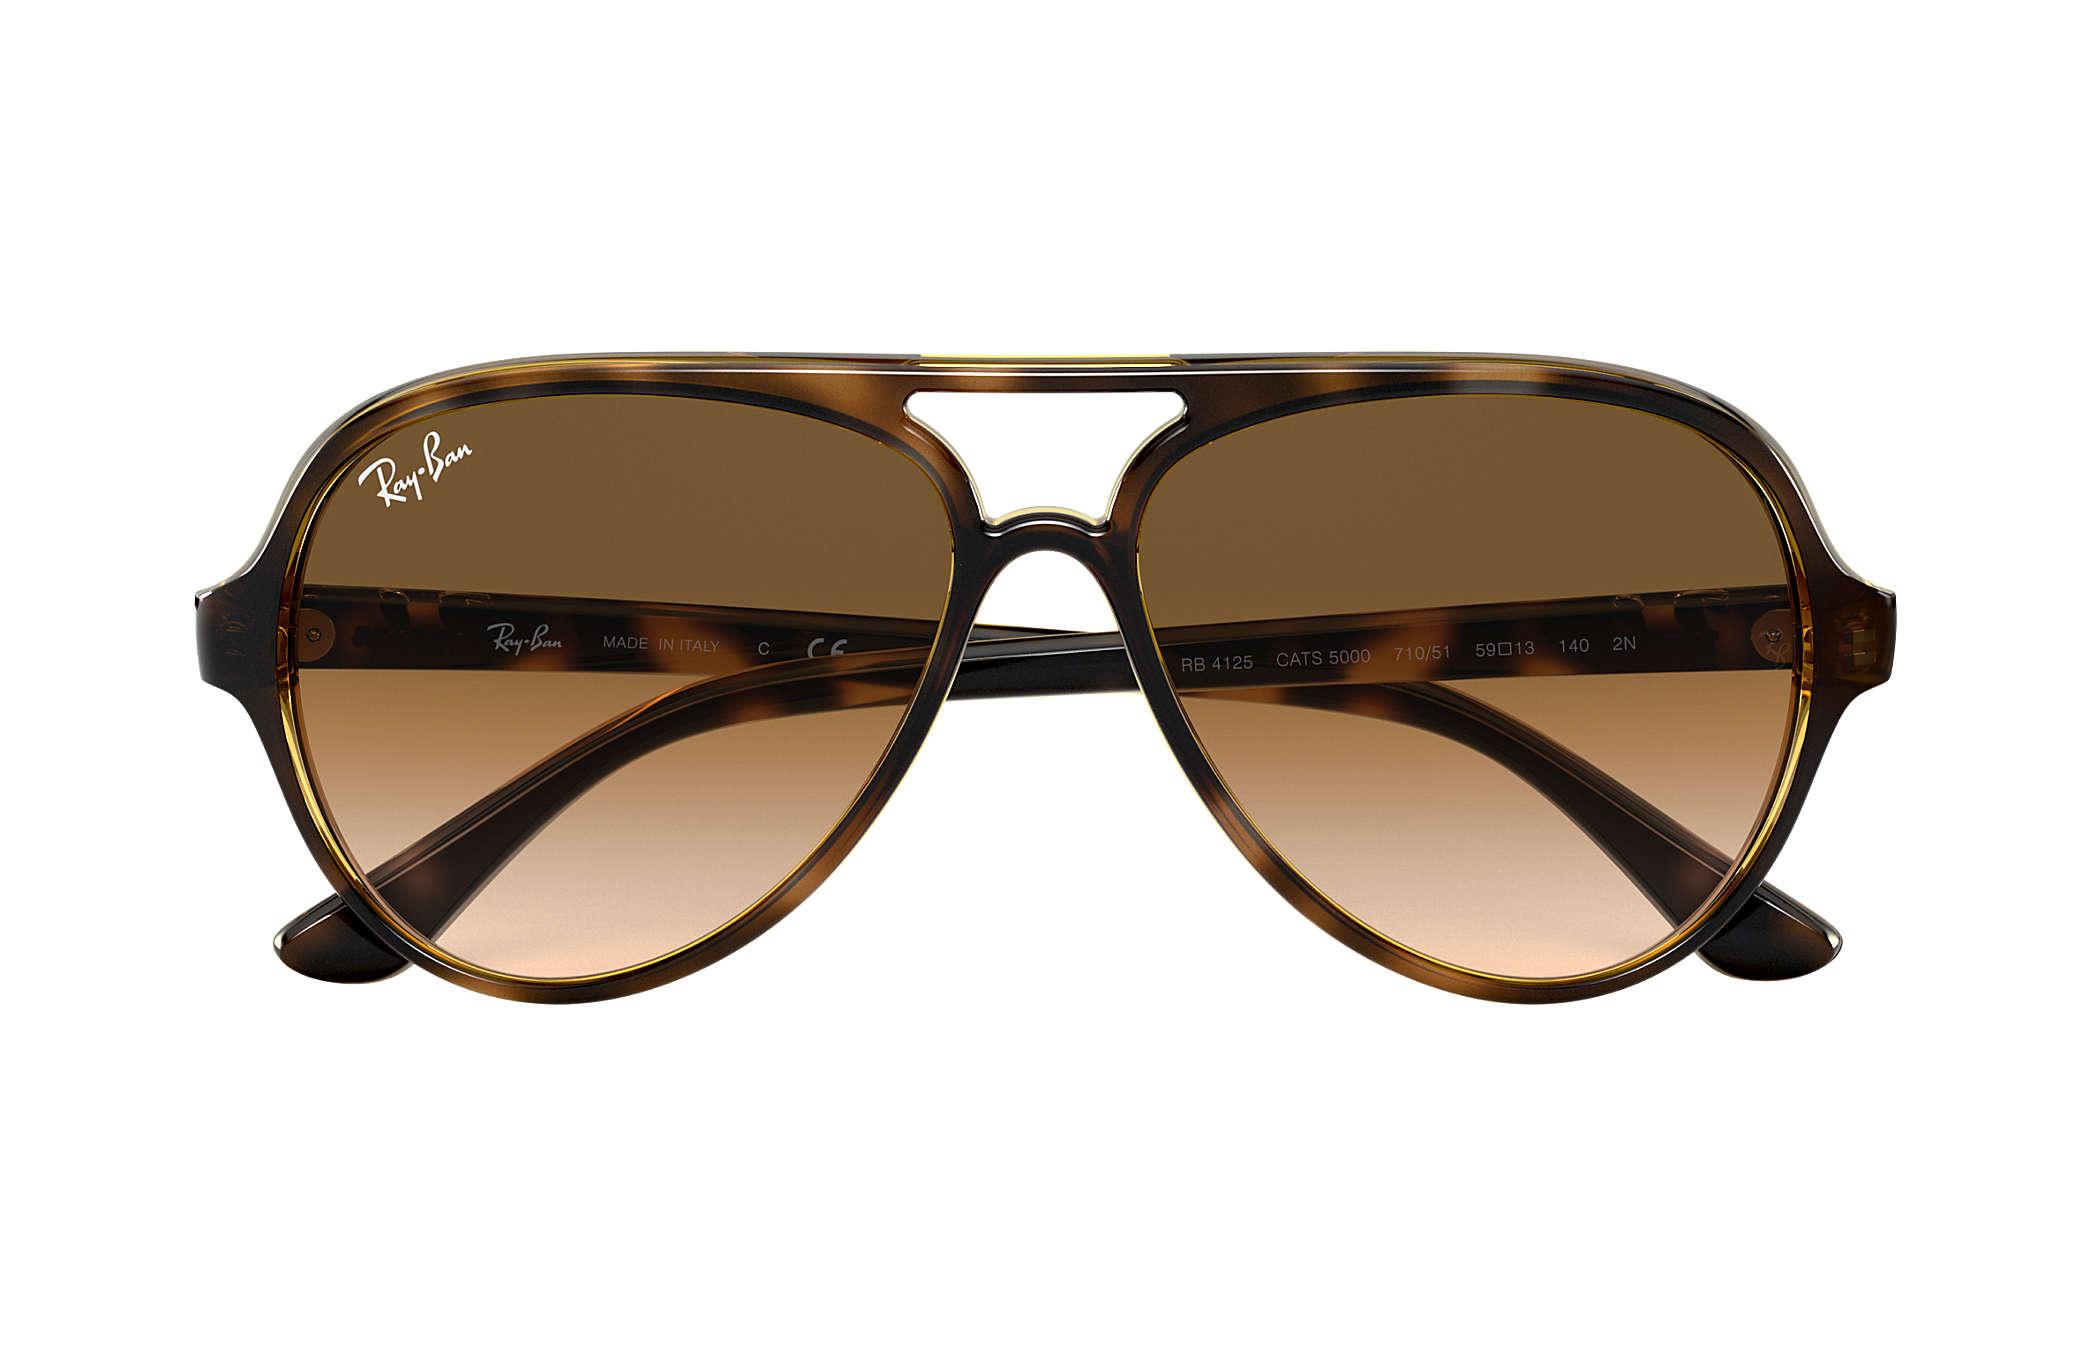 ray ban mirrored cats 5000 aviator sunglasses